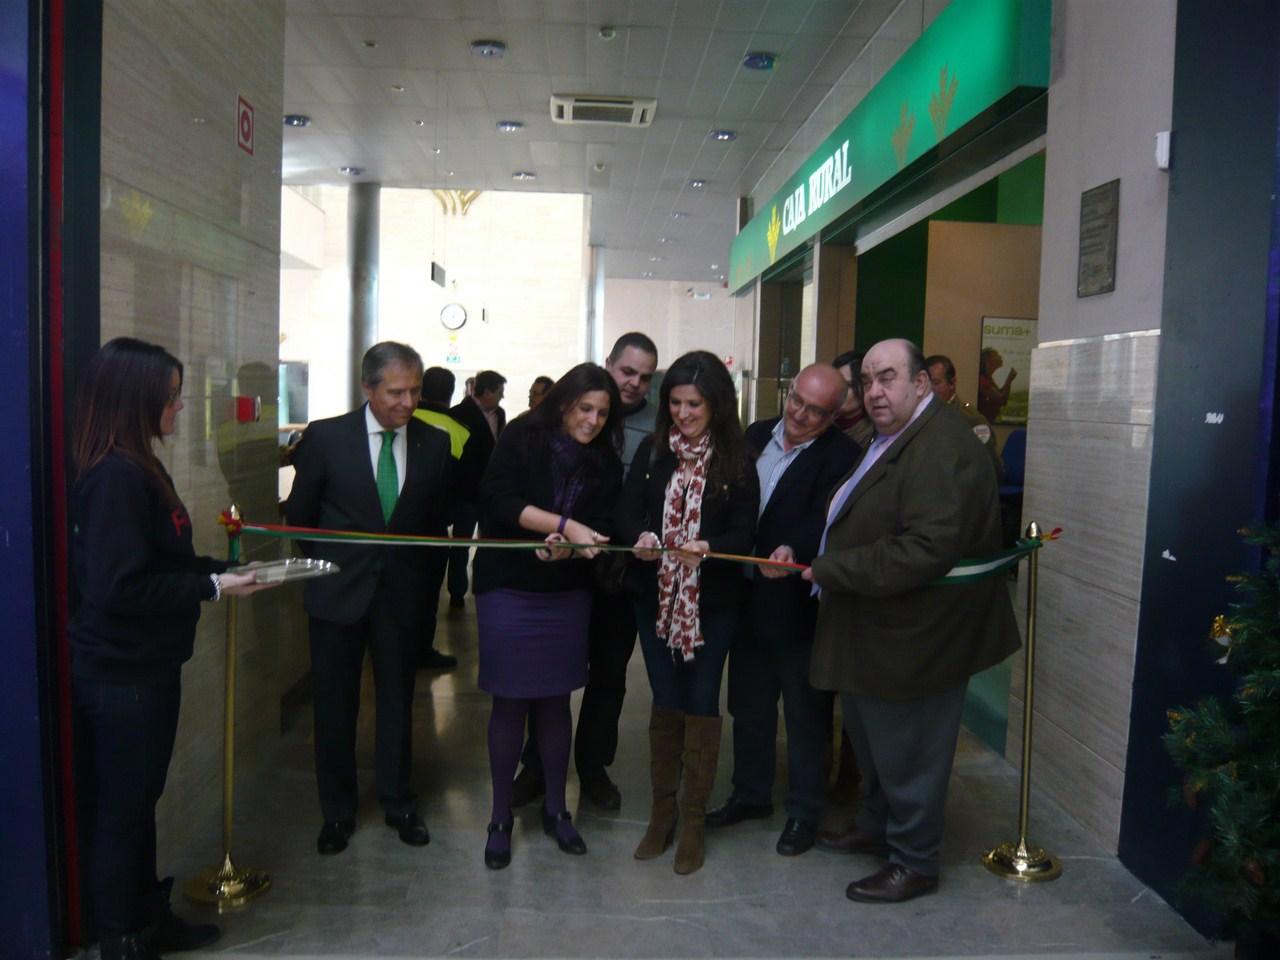 Queda inaugurada la d�cimo segunda edici�n de Feduca, que permanecer� abierta del 25 de diciembre ha